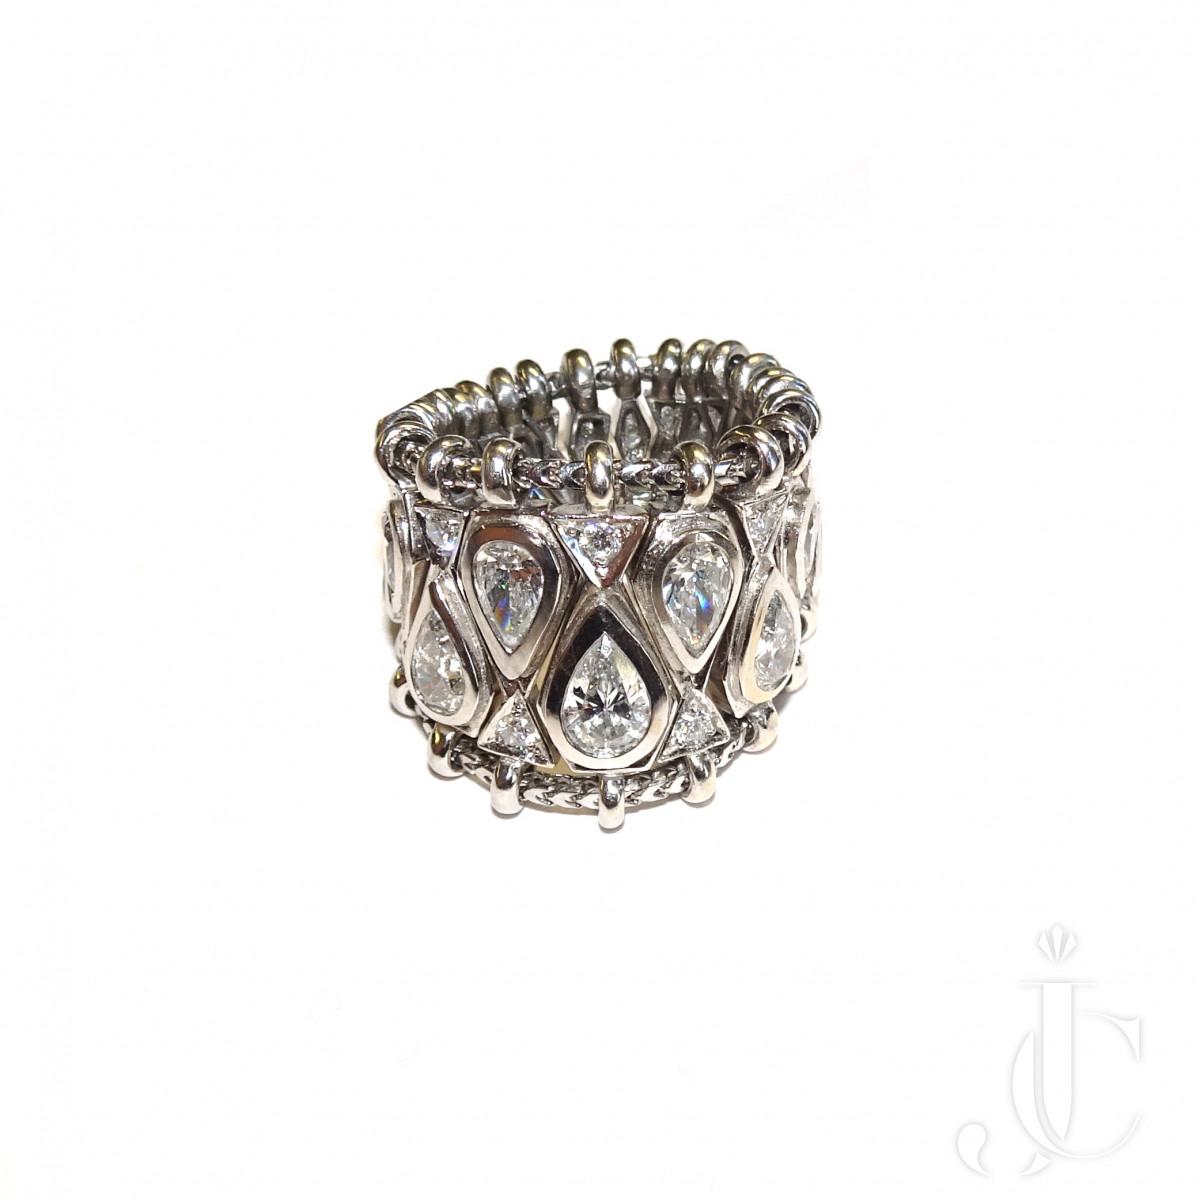 Rene Boivin Diamond Ring, flexible